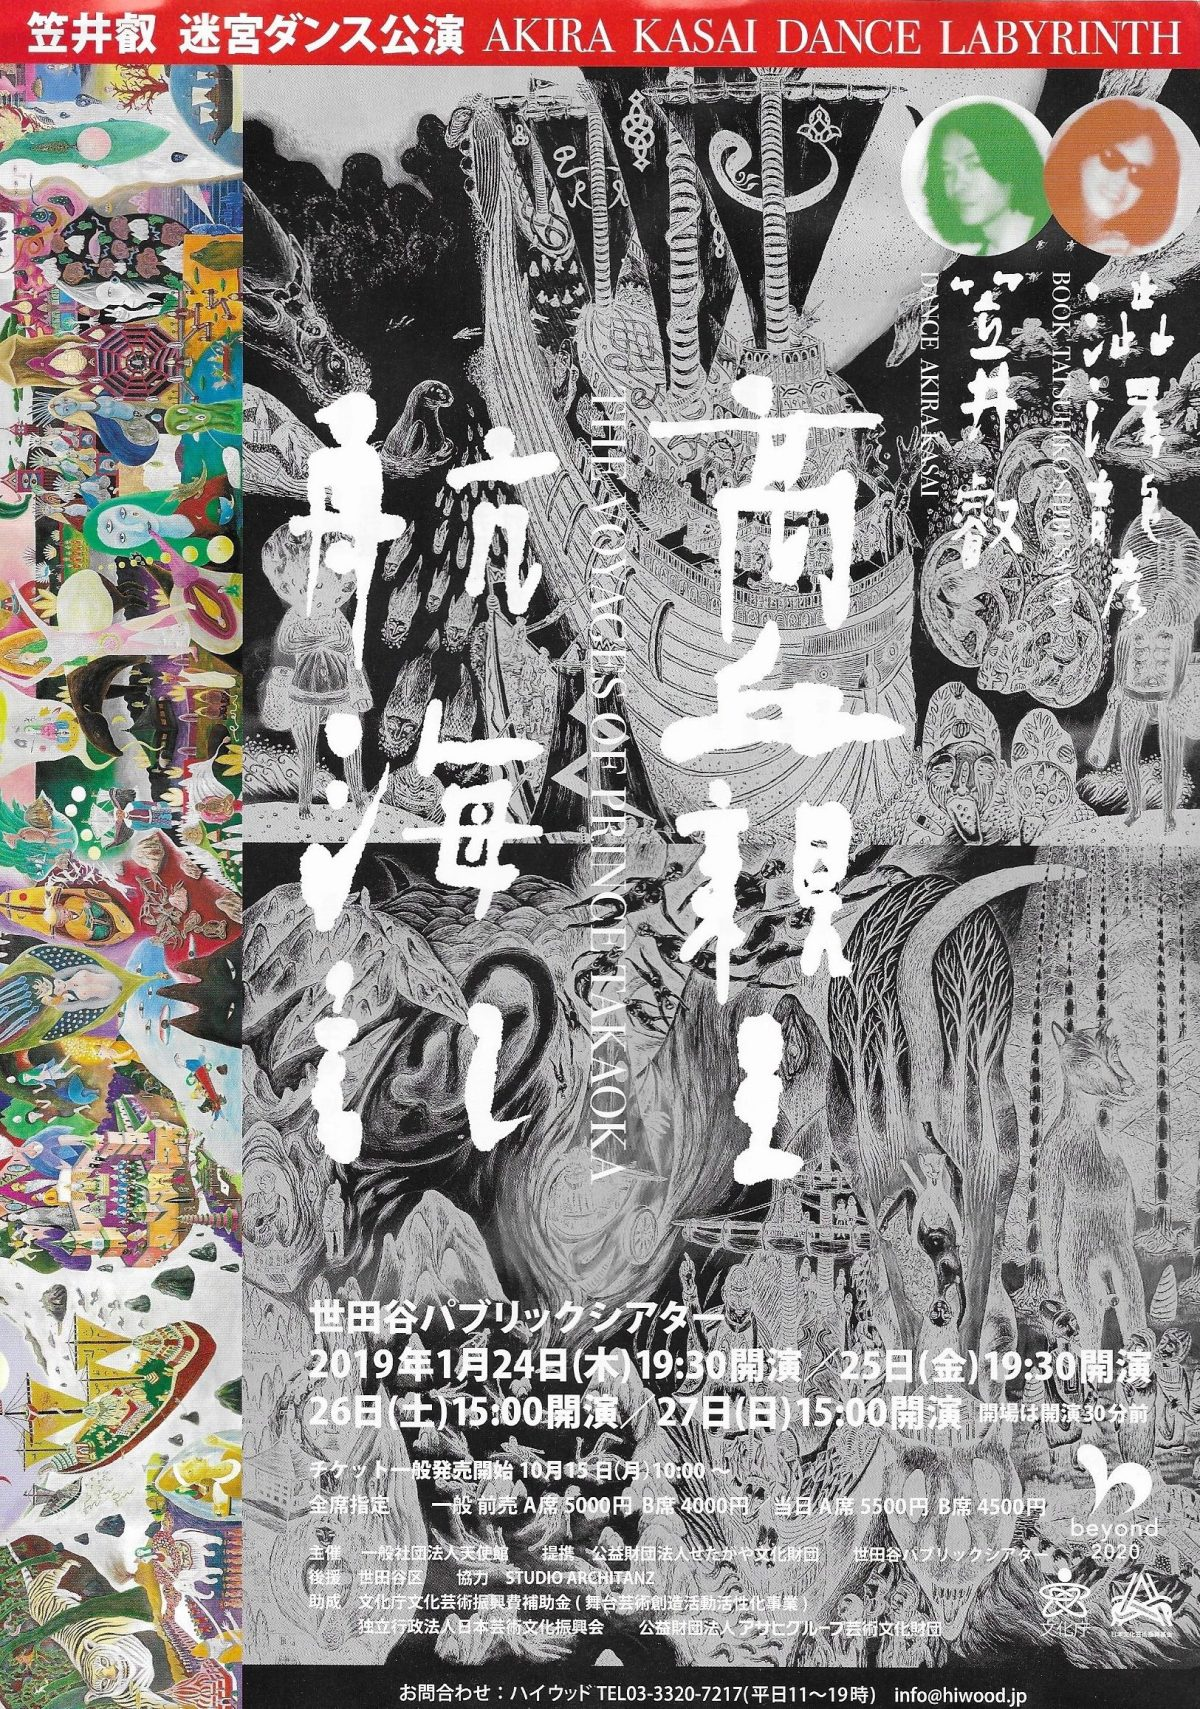 『高丘親王航海記』公演  チケット情報